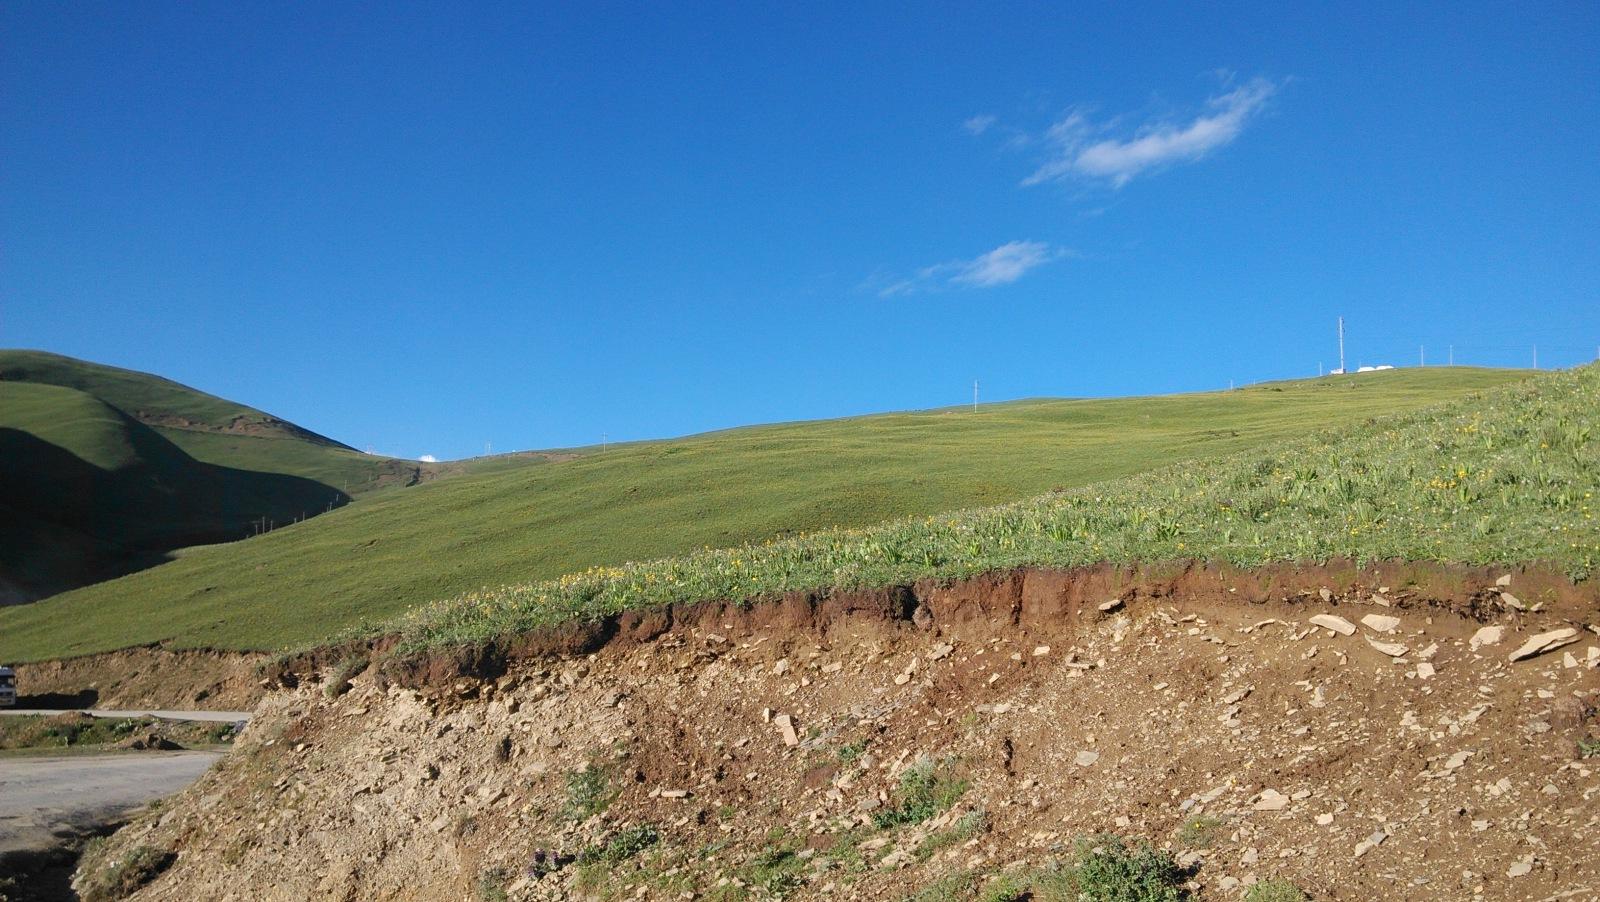 山上都是这样的土地,很美,但这儿不长太多庄稼